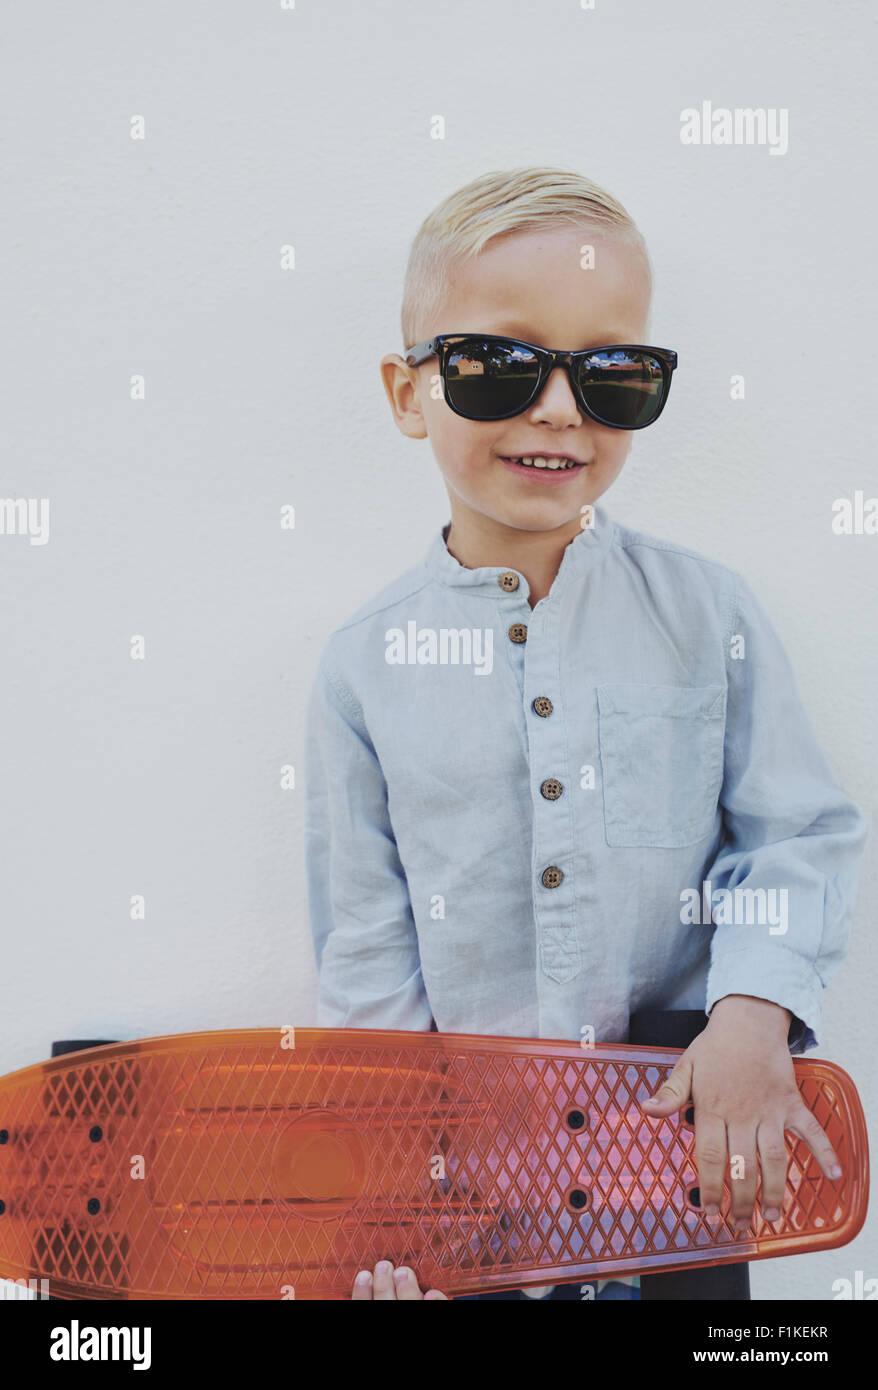 Petit garçon dans le quartier branché de grandes lunettes emprunté à un parent l'article Photo Stock